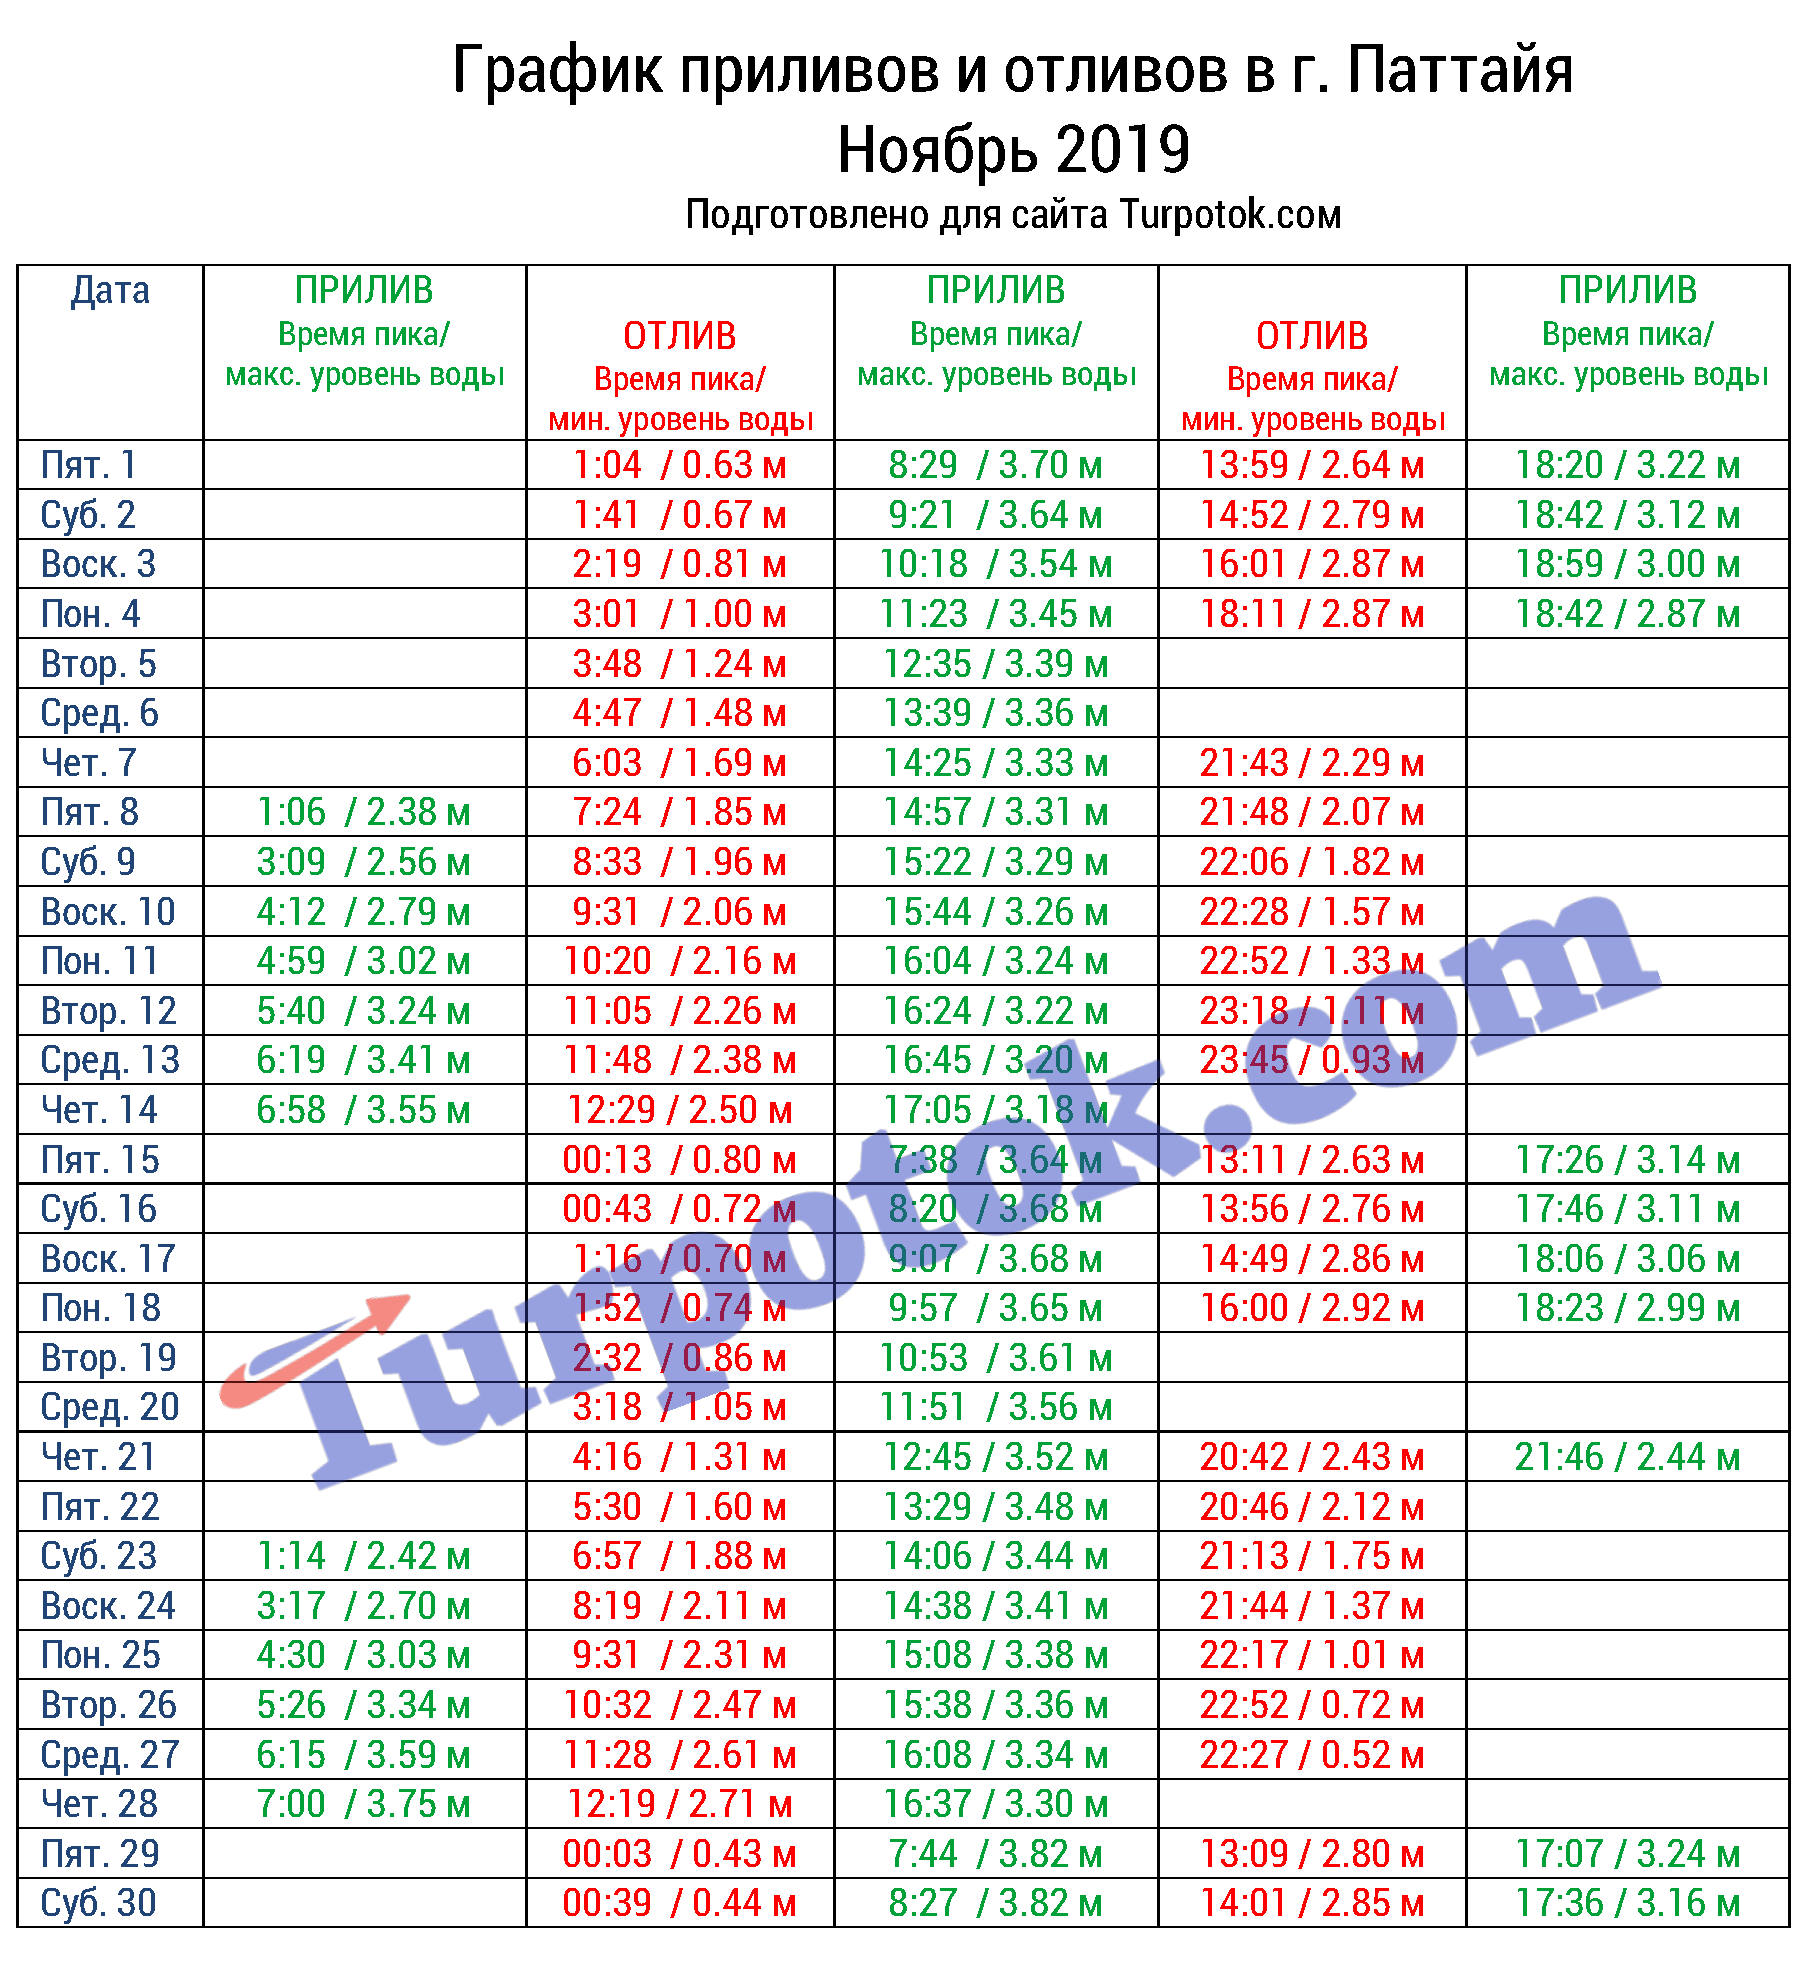 Таблица приливов и отливов для Паттайи